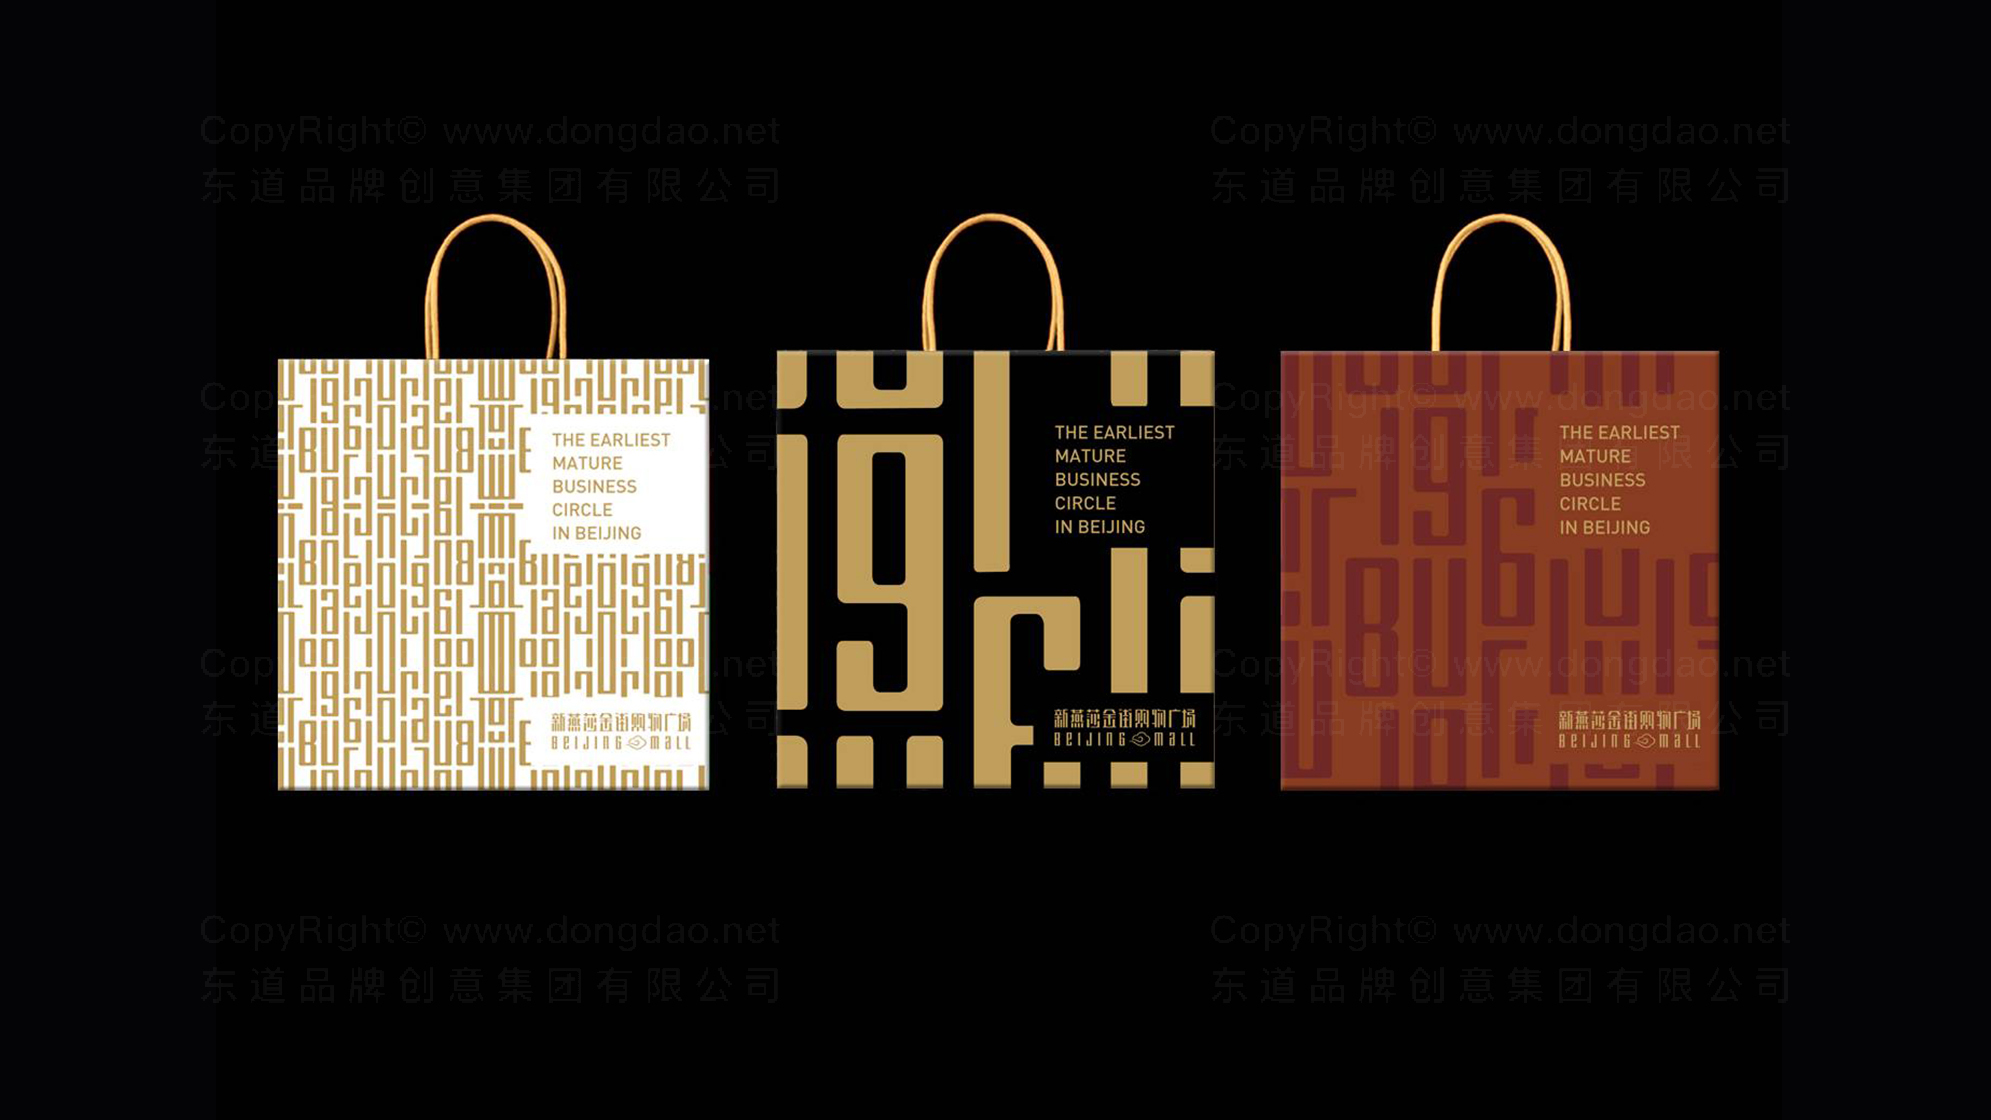 品牌设计新燕莎金街购物广场品牌设计应用场景_5